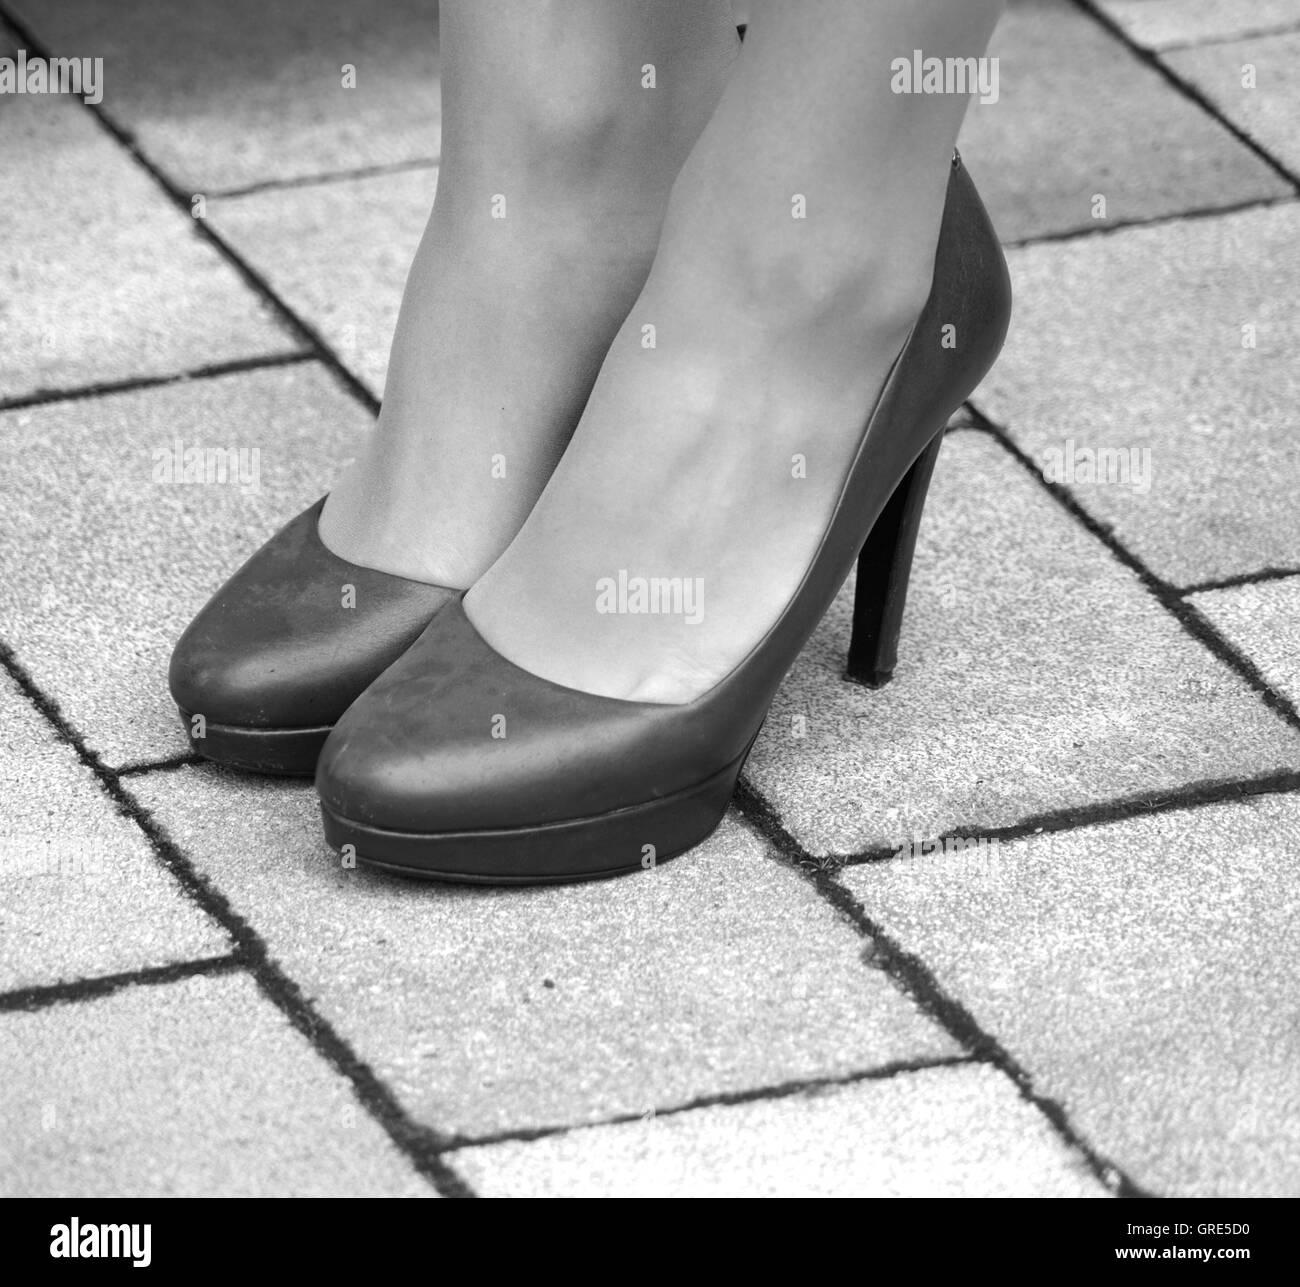 Woman S Legs, Woman S Feet In Heels - Stock Image